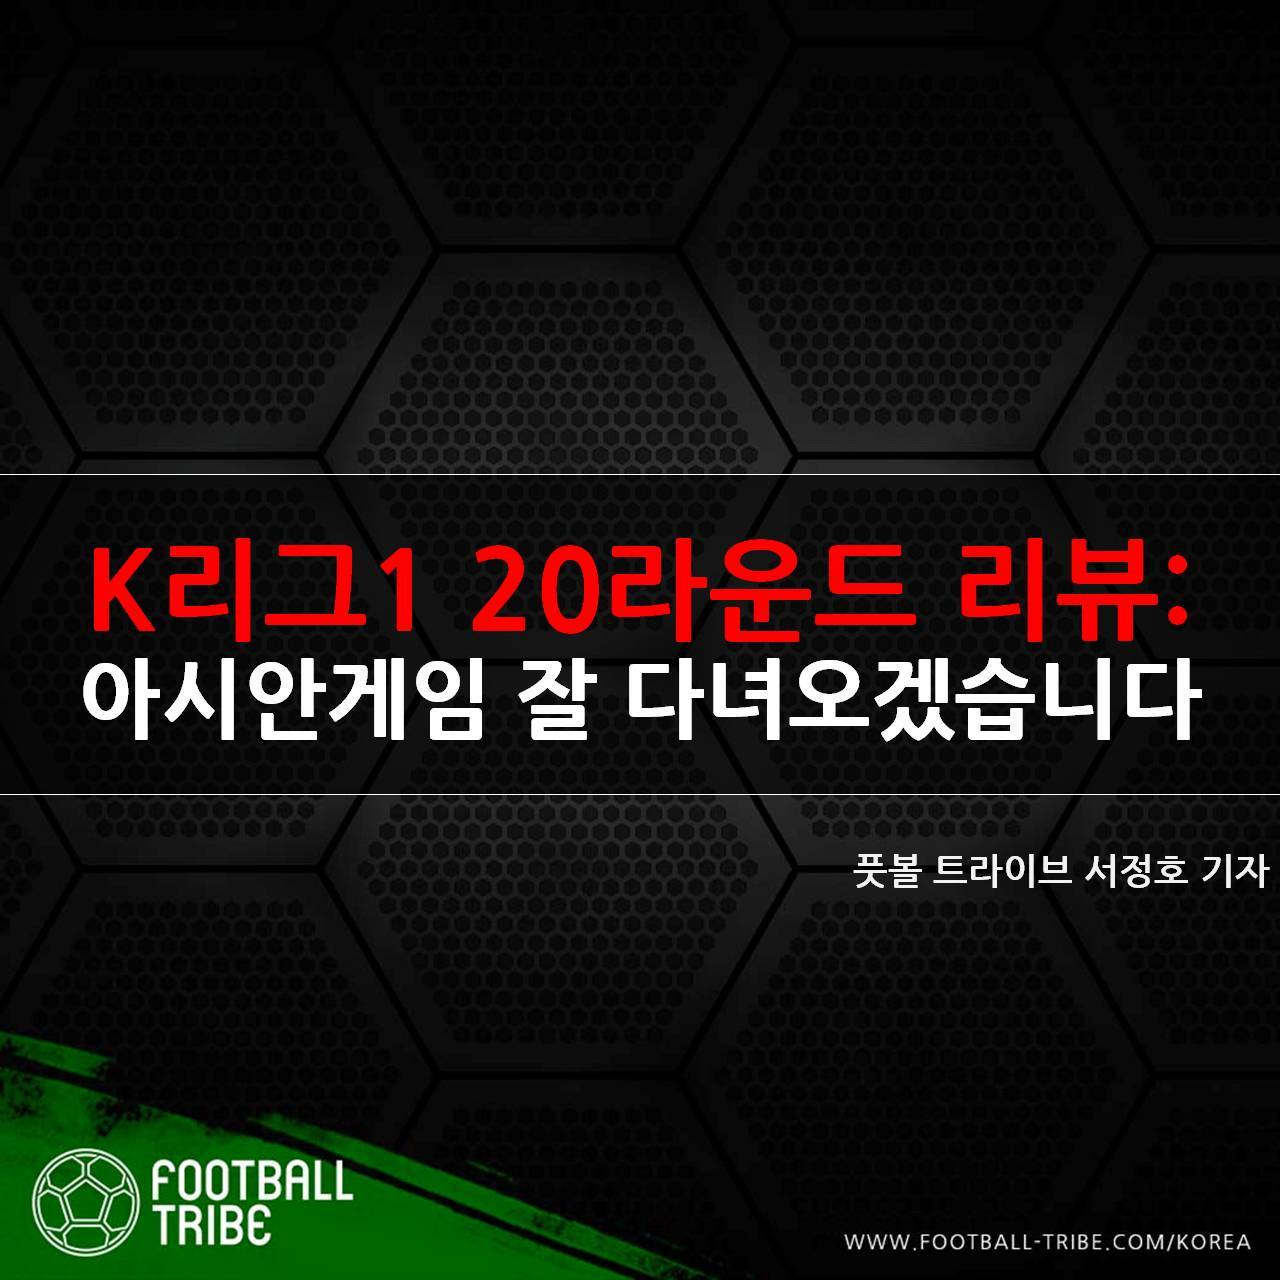 [K리그1 20라운드 리뷰] 아시안게임 잘 다녀오겠습니다